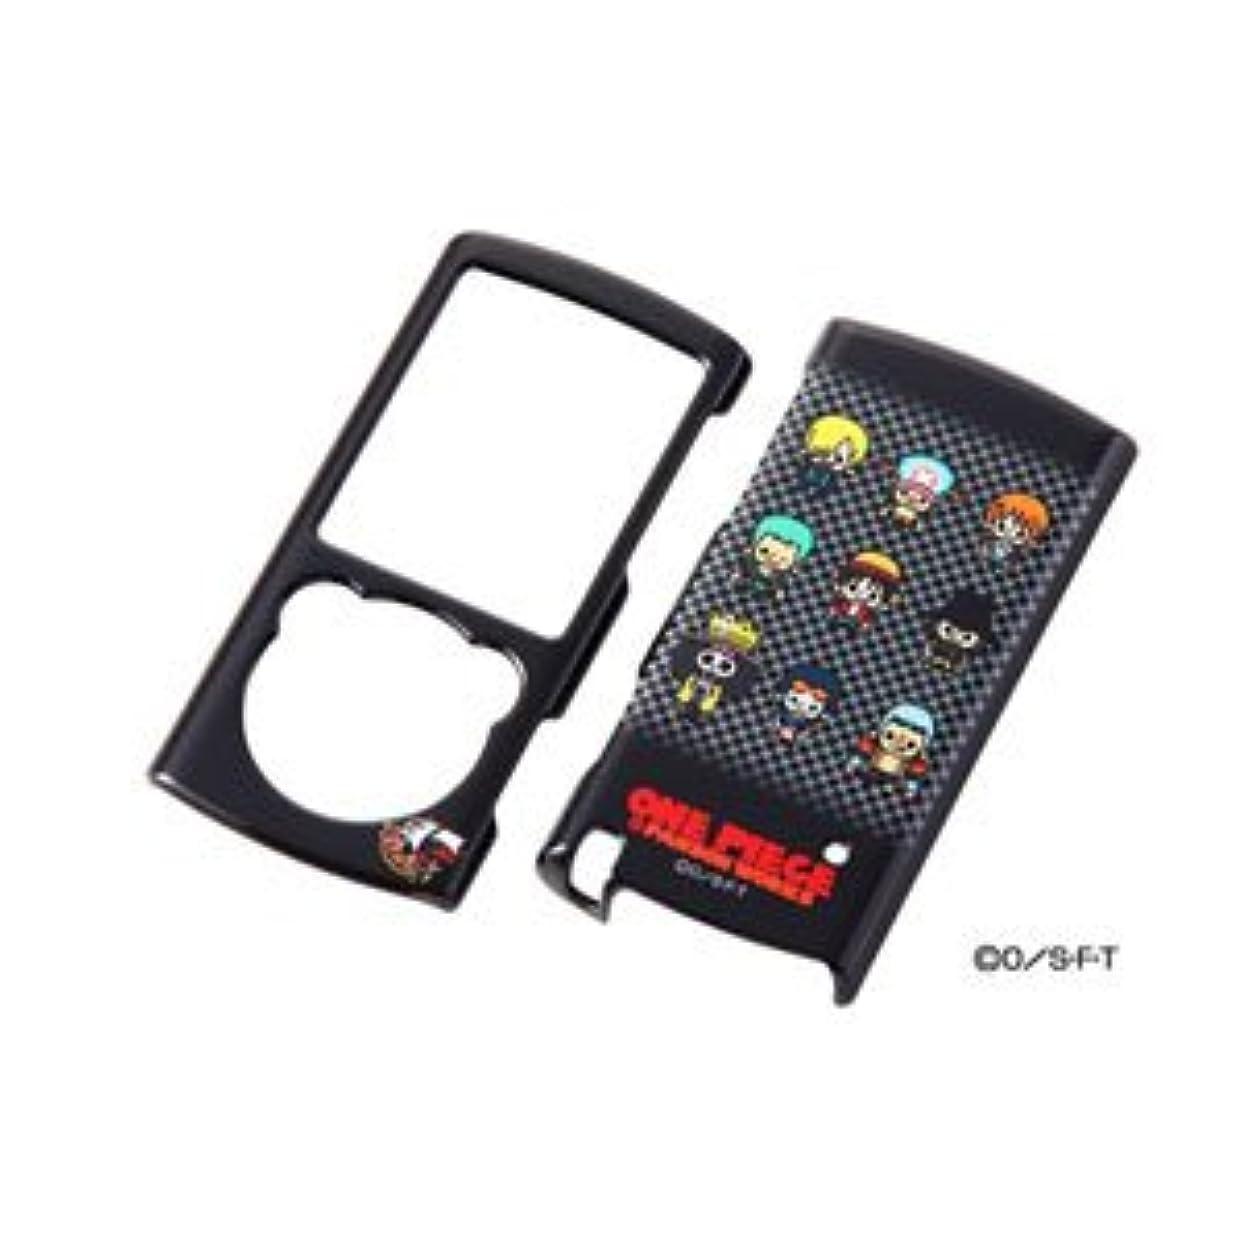 魅力ミシン目比率ray-out ウォークマン Sシリーズ(NW-S760/S760K/S760BT)用ハードジャケットワンピース 麦わらの一味パンソンワークス(新世界編) RT-OSS76C/PL